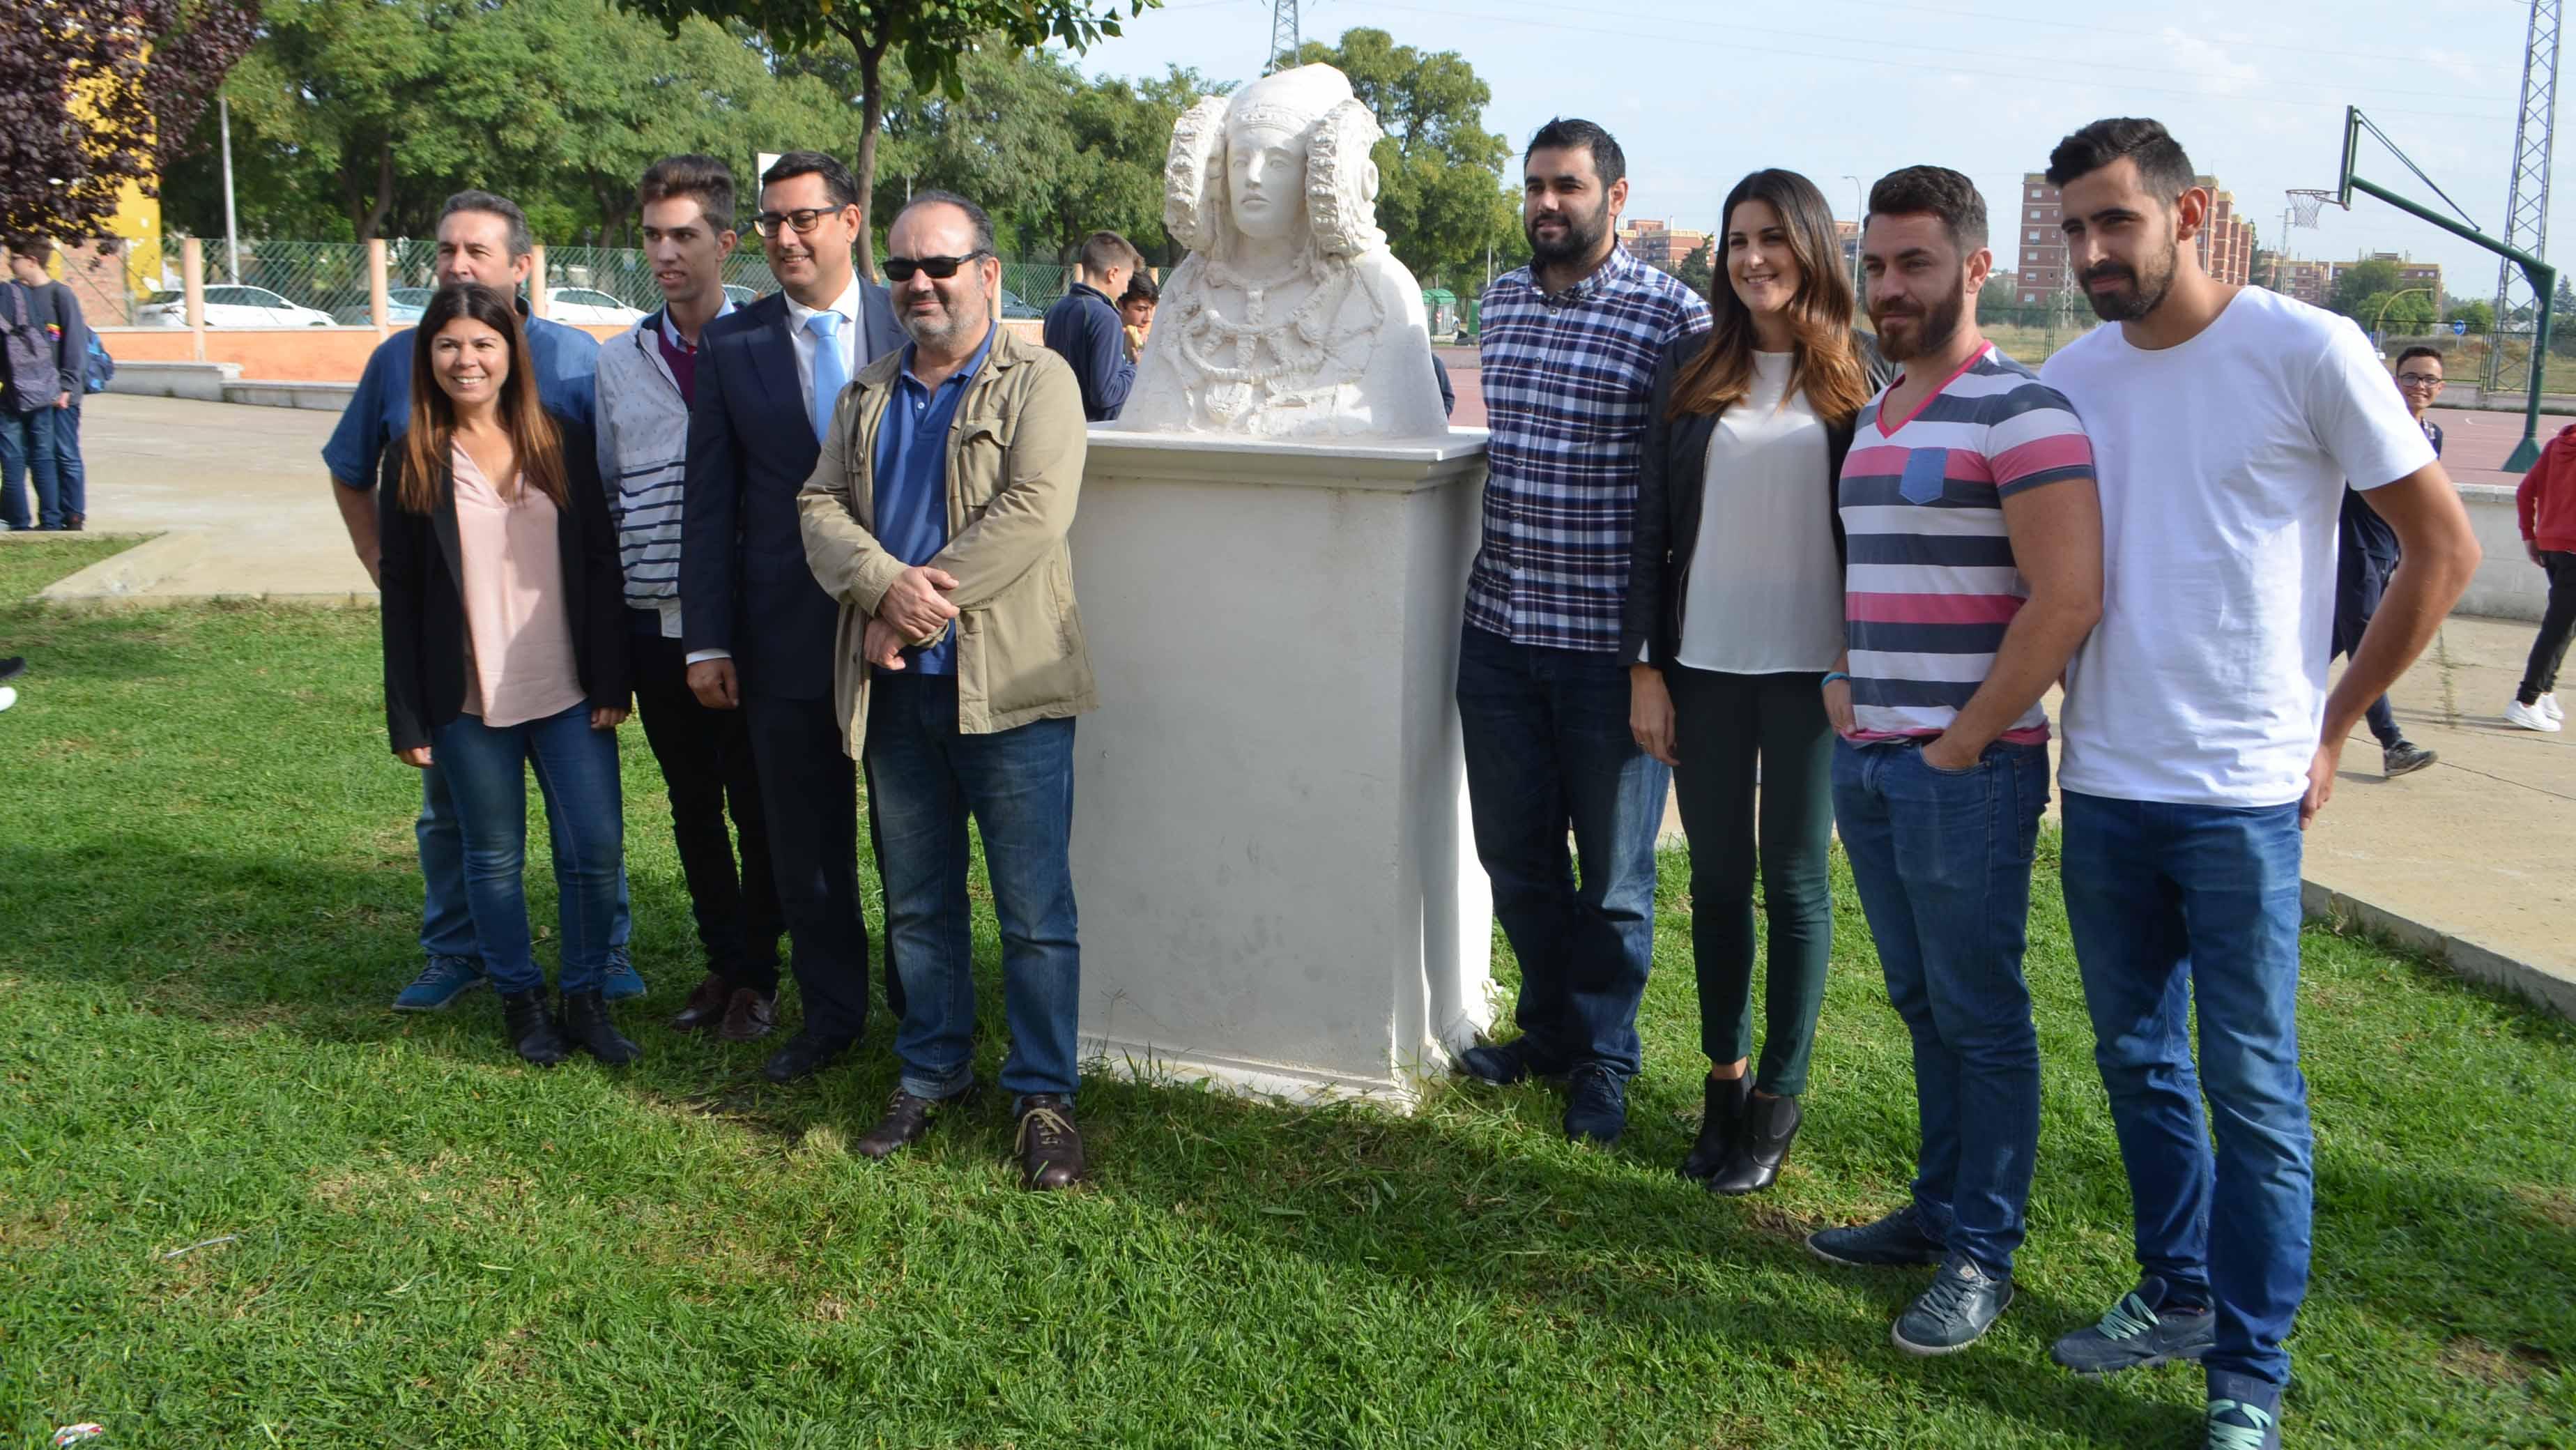 Los alumnos y profesores con la réplica de la Dama de Elche